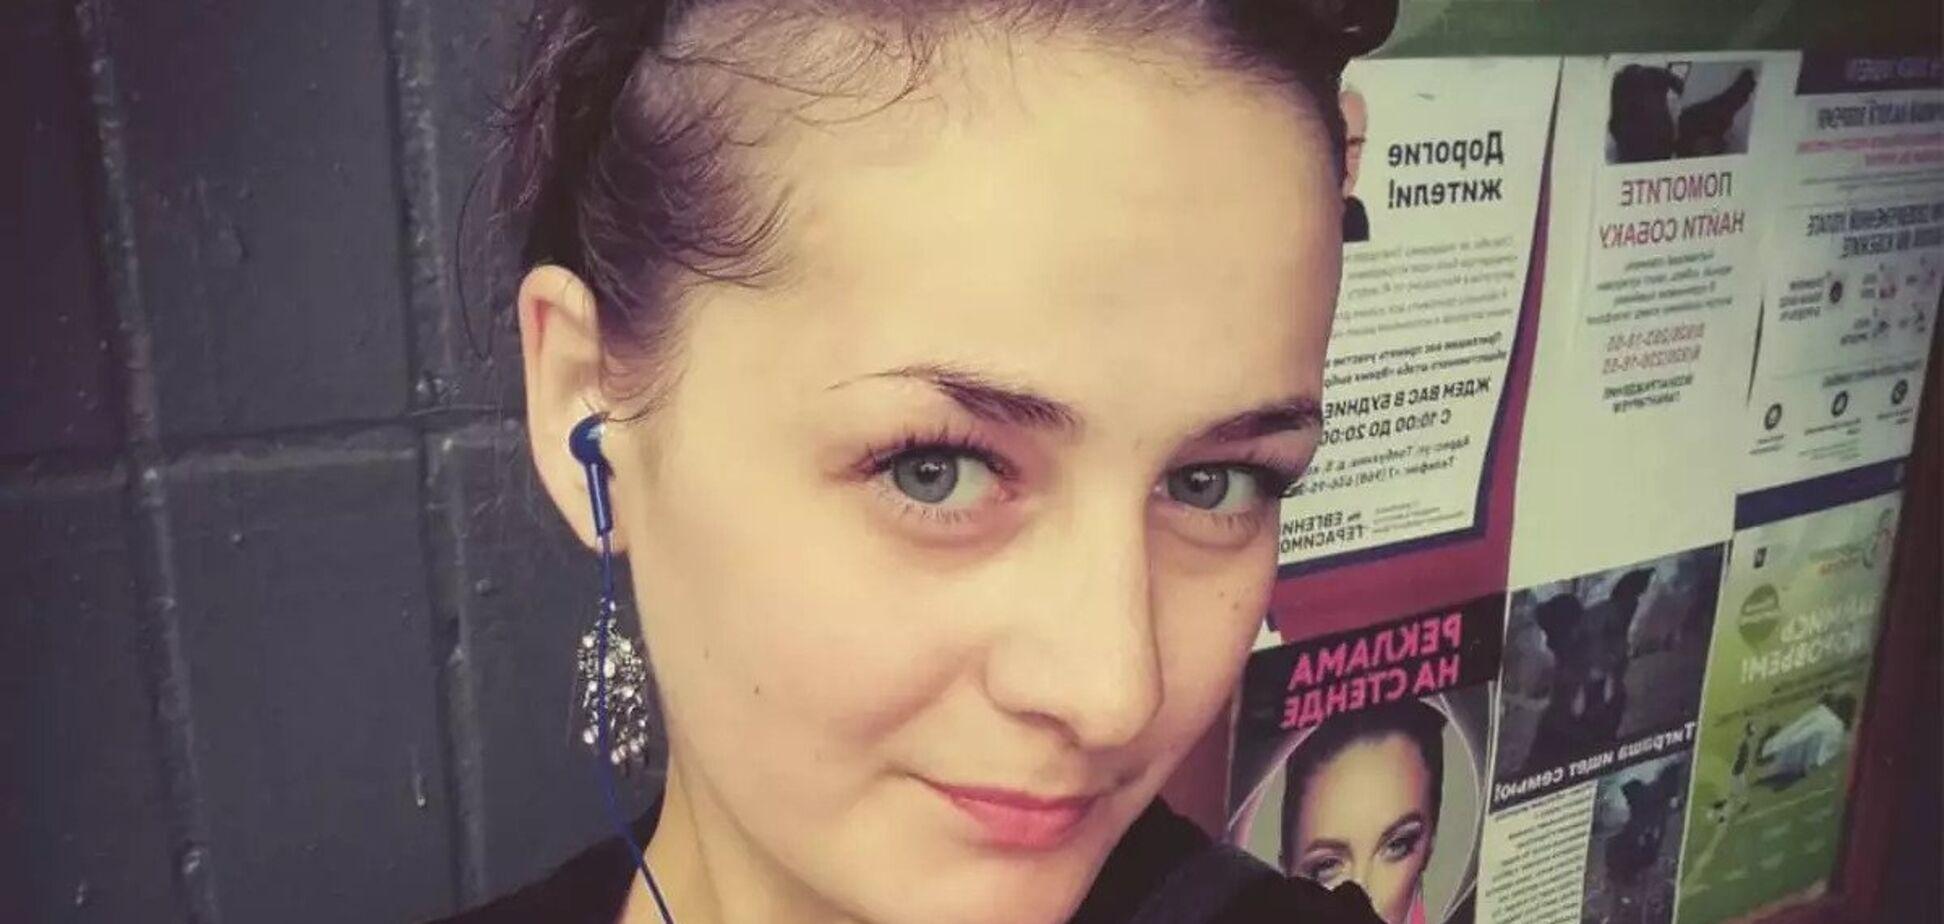 Российскую экс-чемпионку задержали с пакетами героина: истории из мира спорта, о которых вы могли не знать